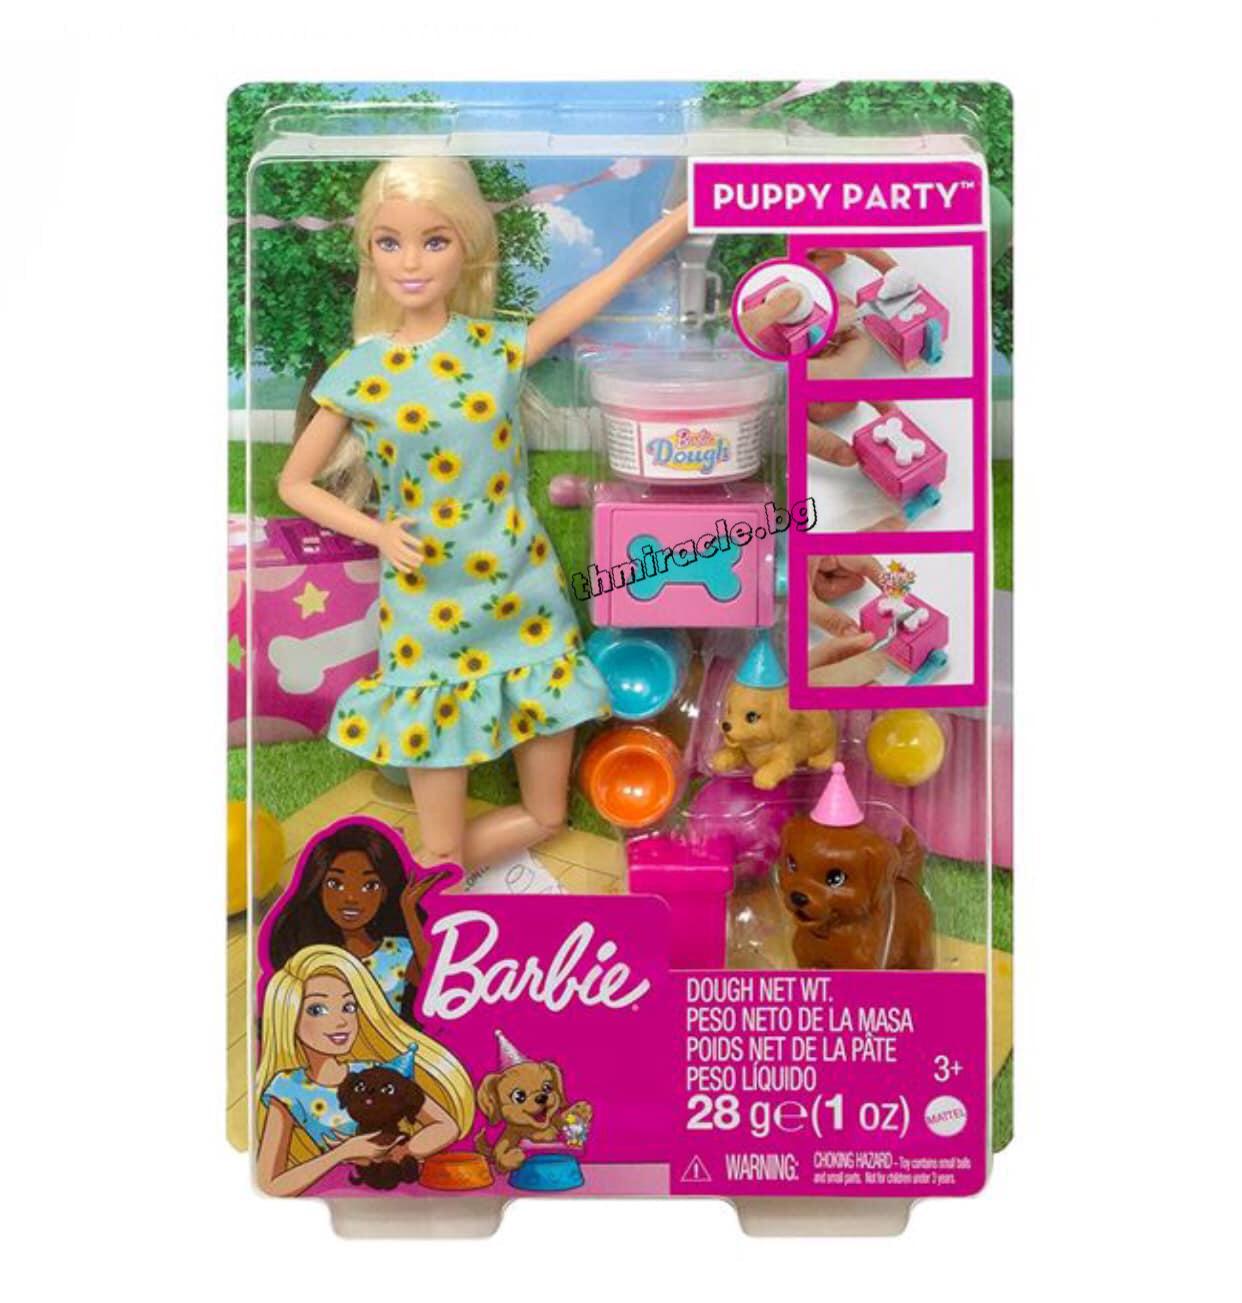 Barbie Kукла Парти с кученца - код 401-015